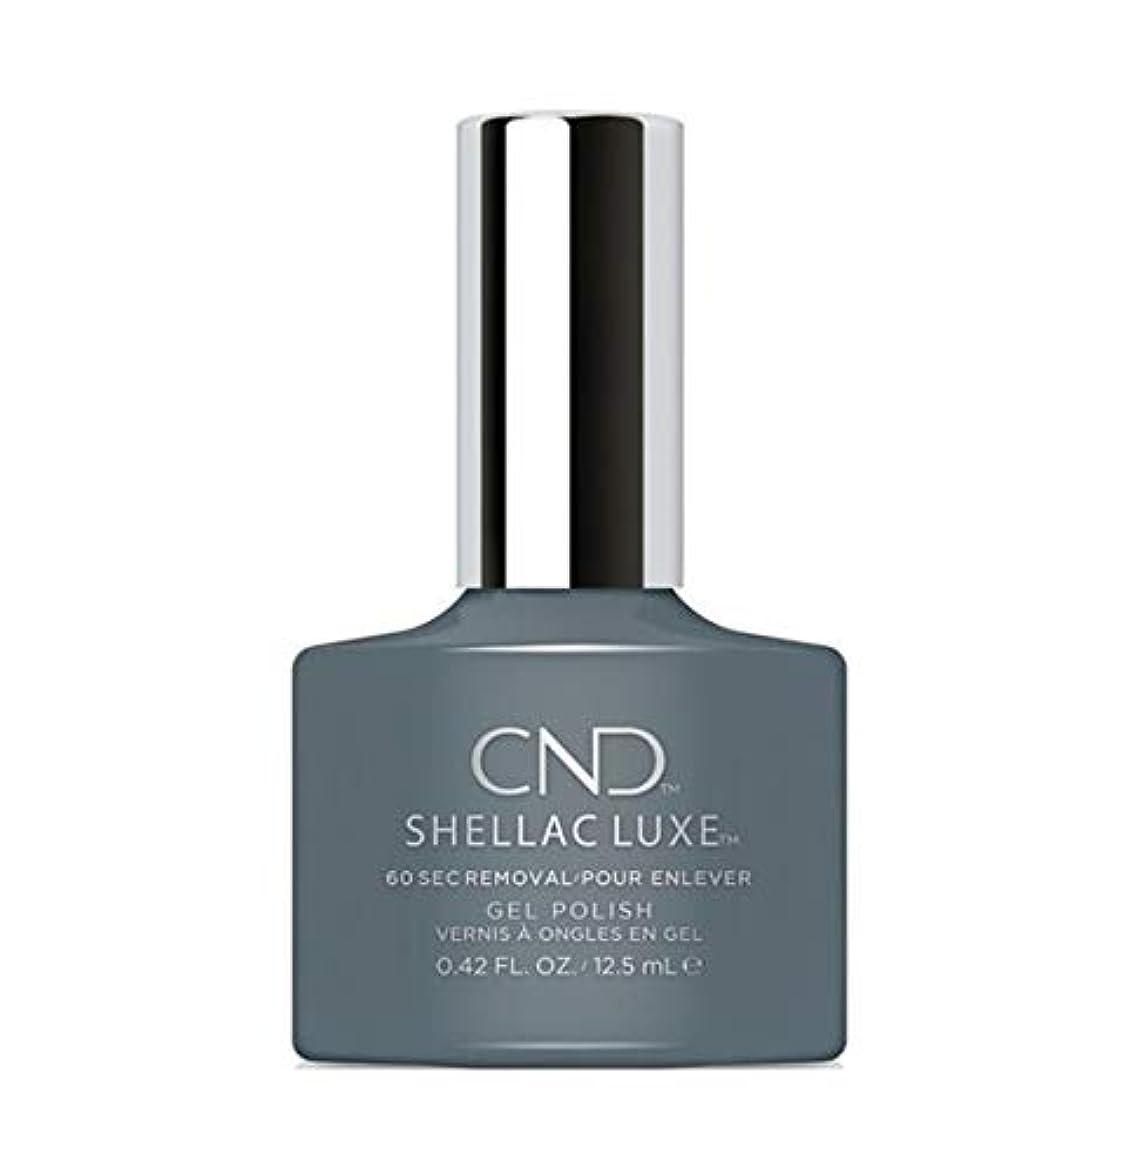 バインド召喚する中央CND Shellac Luxe - Whisper - 12.5 ml / 0.42 oz